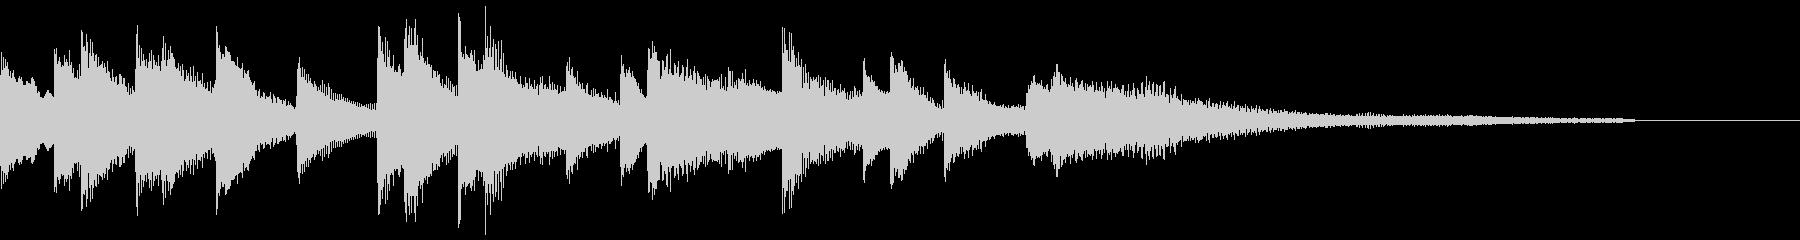 ハネたリズムのジングル ピアノソロの未再生の波形